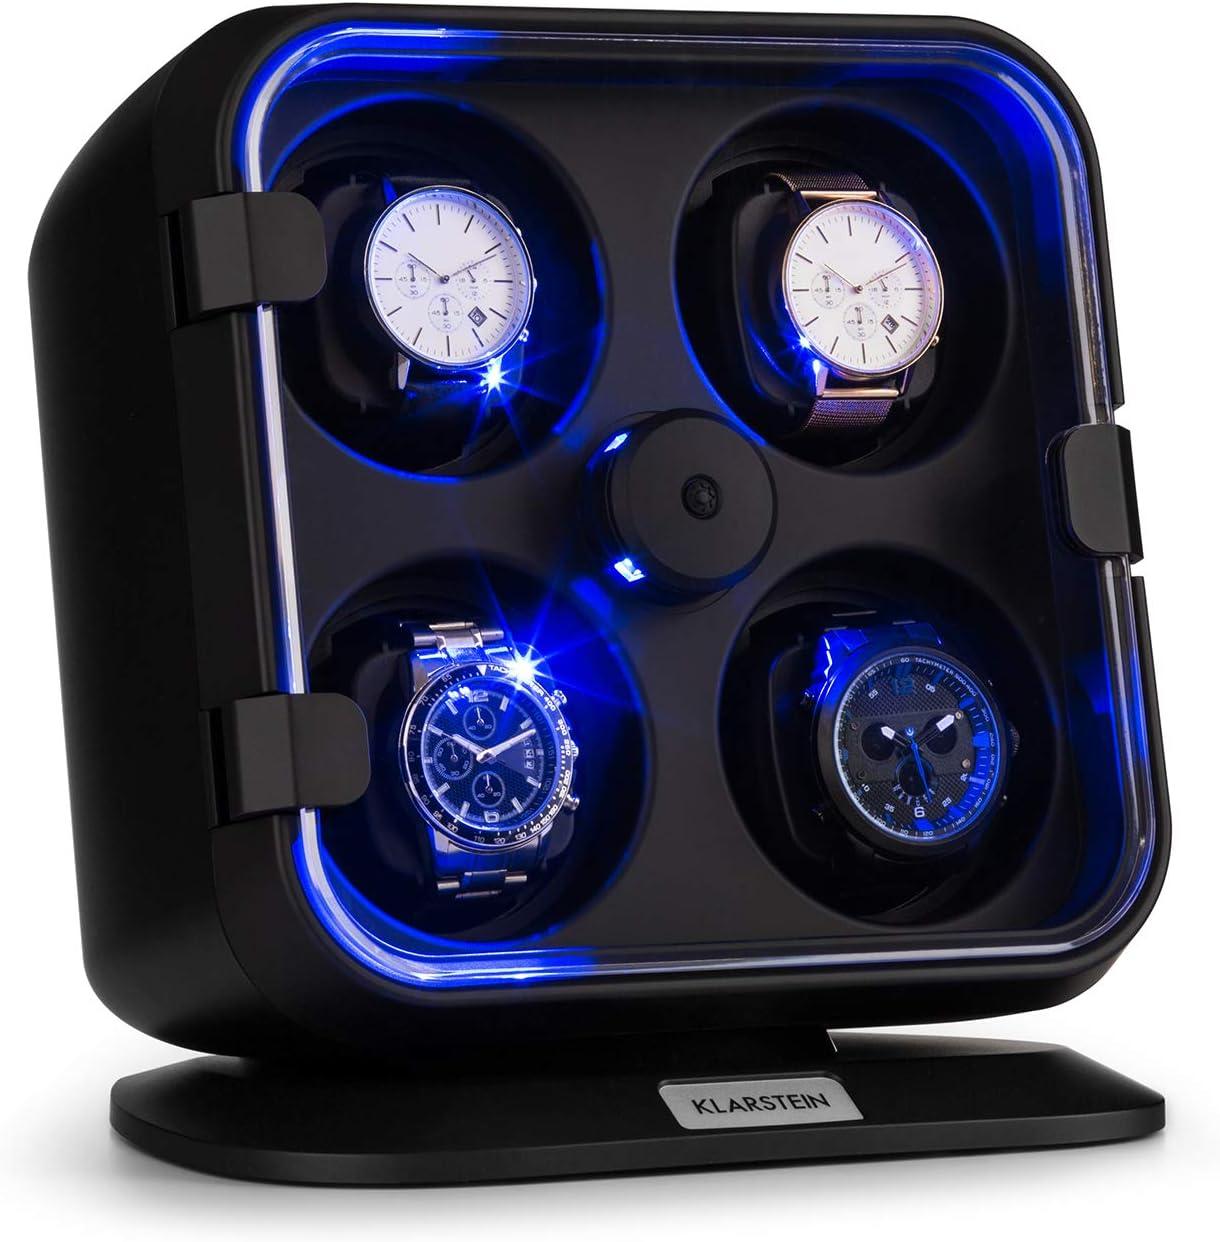 KLARSTEIN Clover Estuche Relojes - 4 Relojes - 3 Modos de rotación - 4 Velocidades - Iluminación LED - Almohadilla Desmontable - Puerta Delantera transprente - Mecanismo de tensión de Resorte - Negro